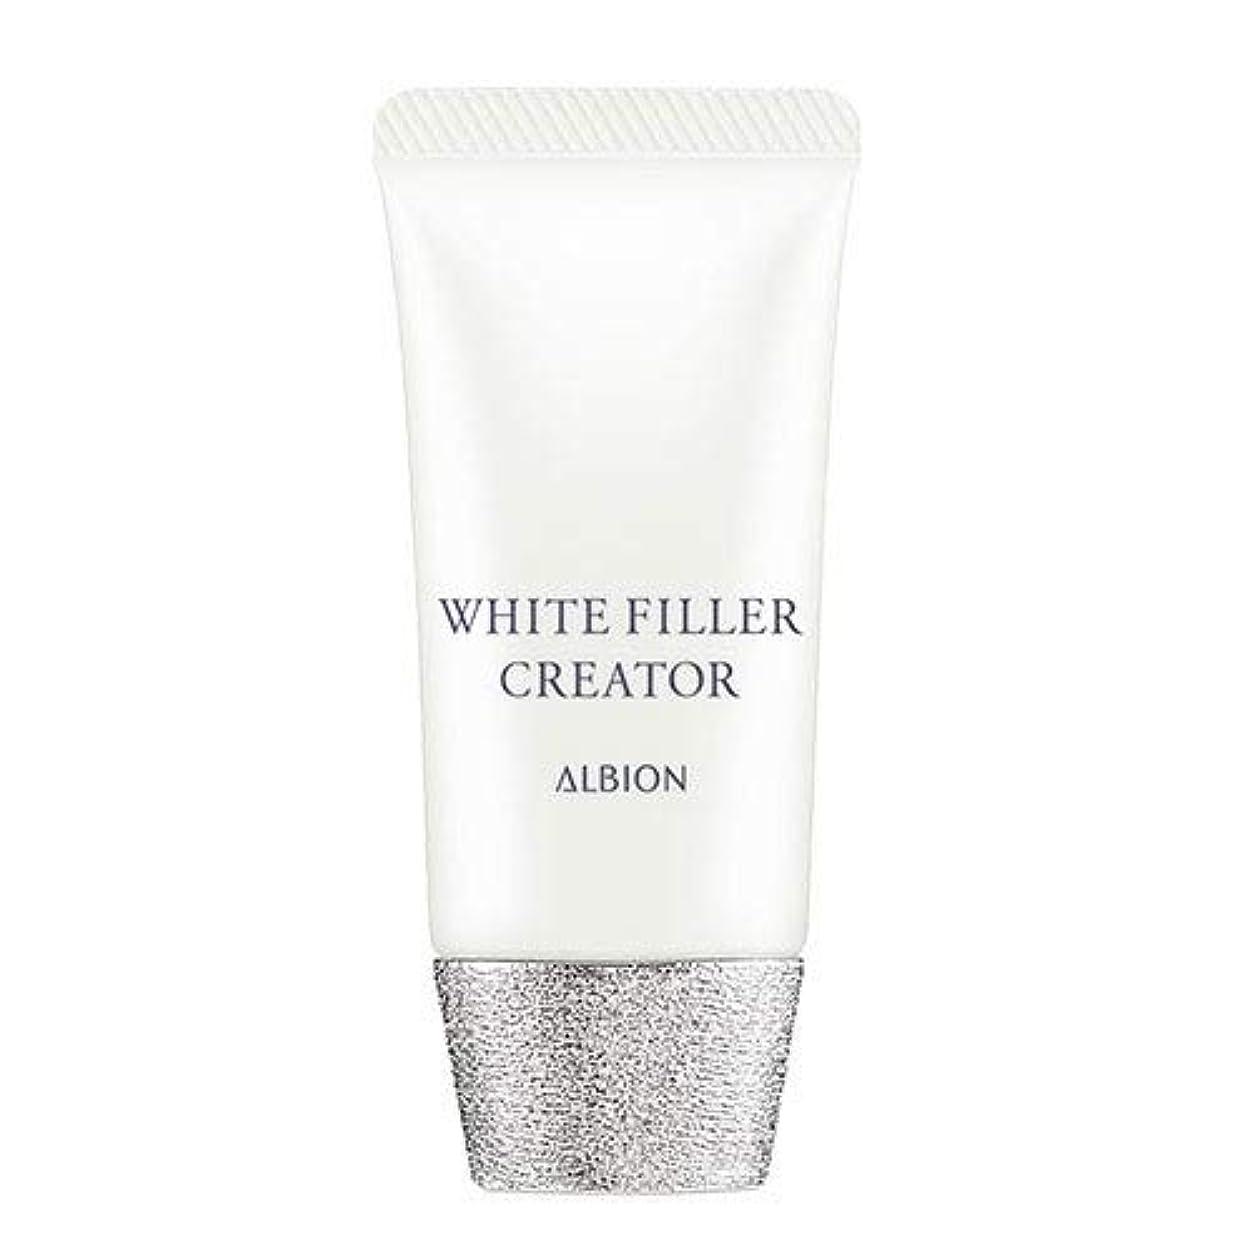 役員資格一見アルビオン ホワイトフィラー クリエイター SPF35?PA+++ 30g -ALBION-